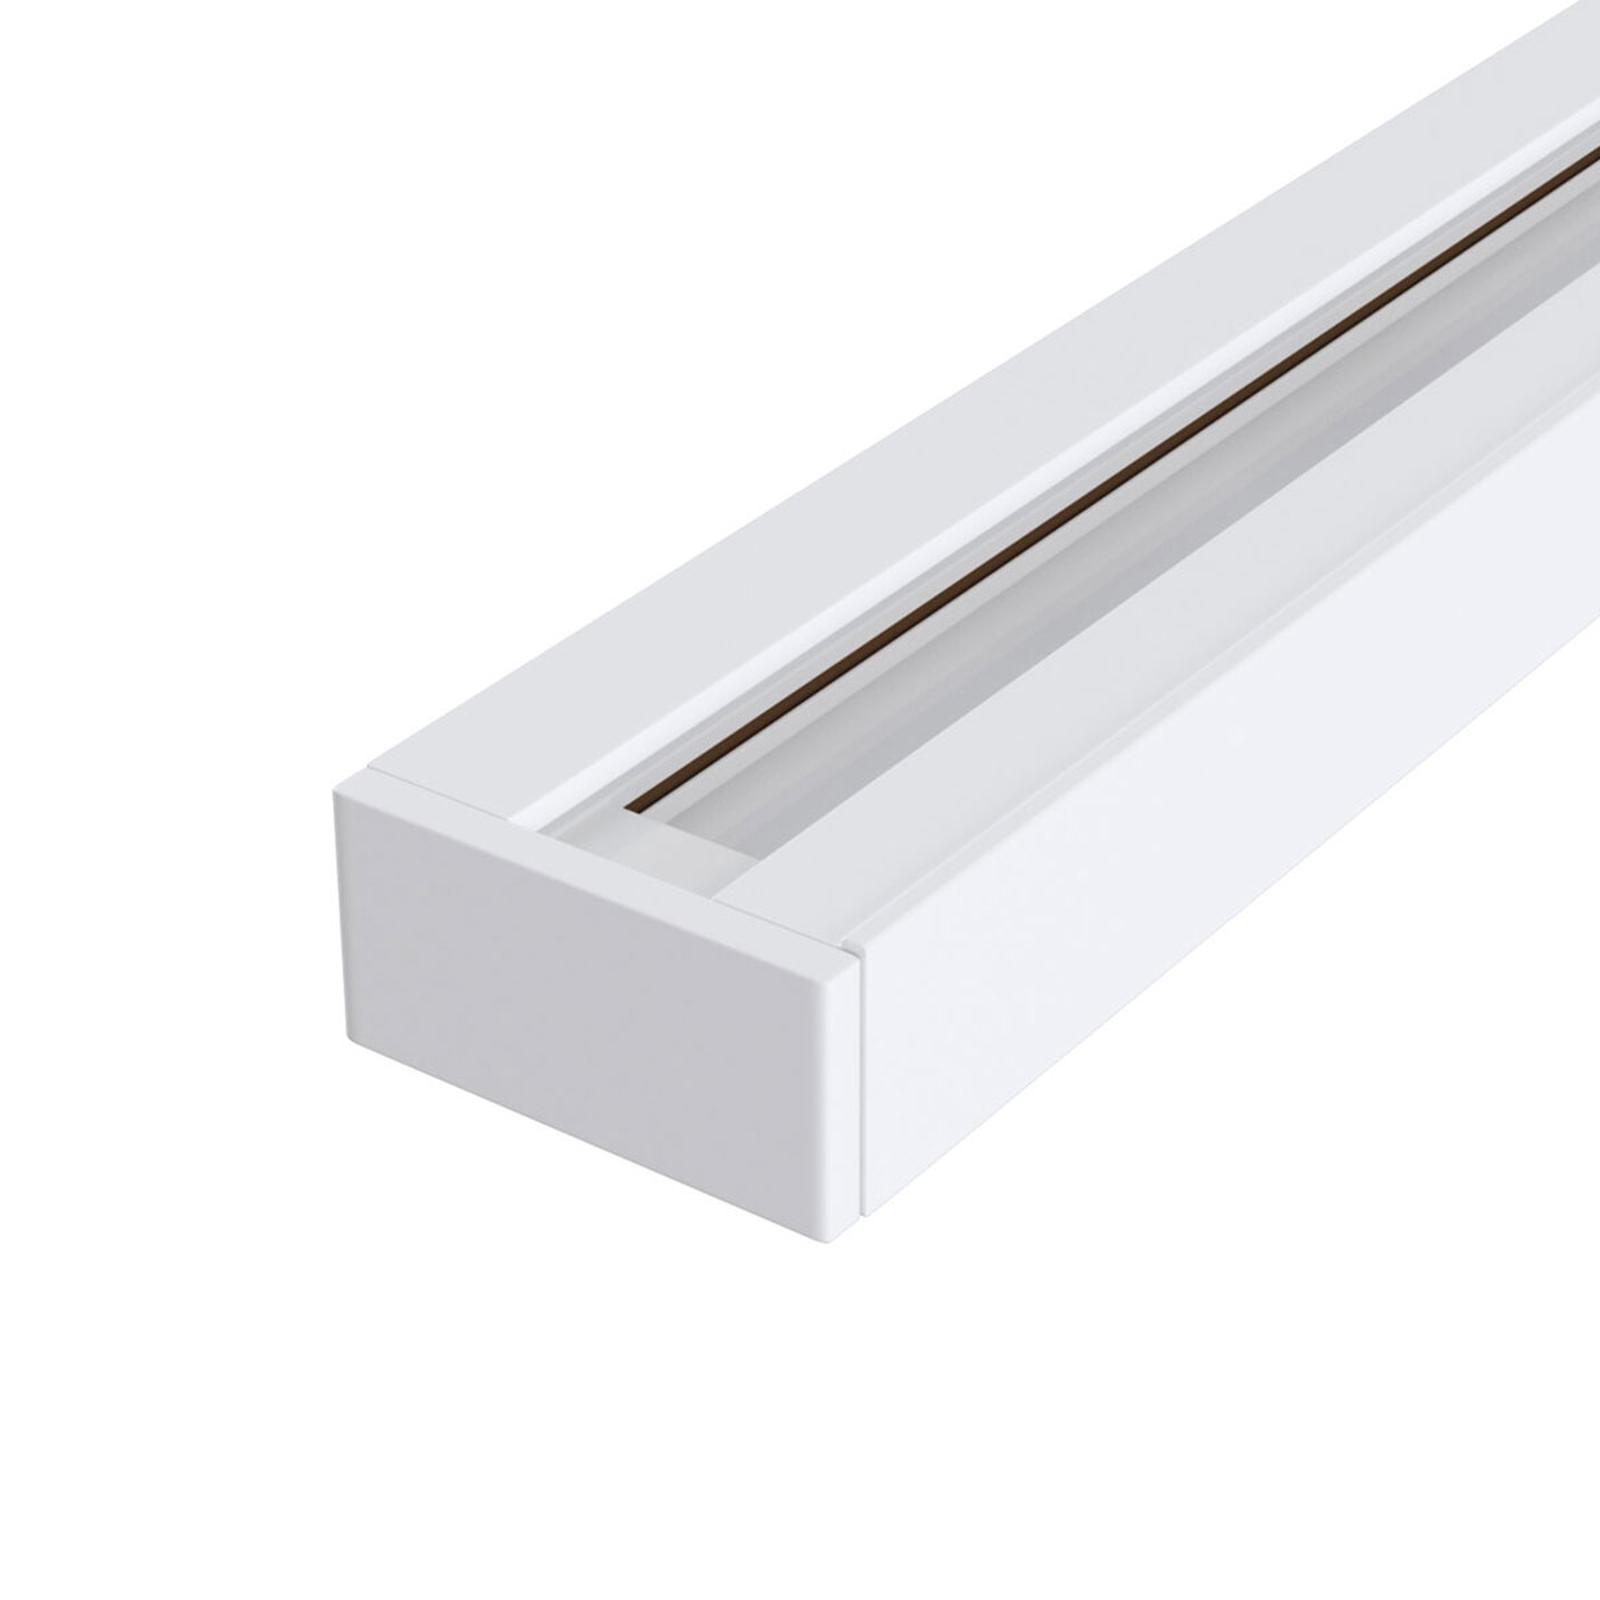 1-vaiheikiskovalaisin Track valkoisena, 100 cm